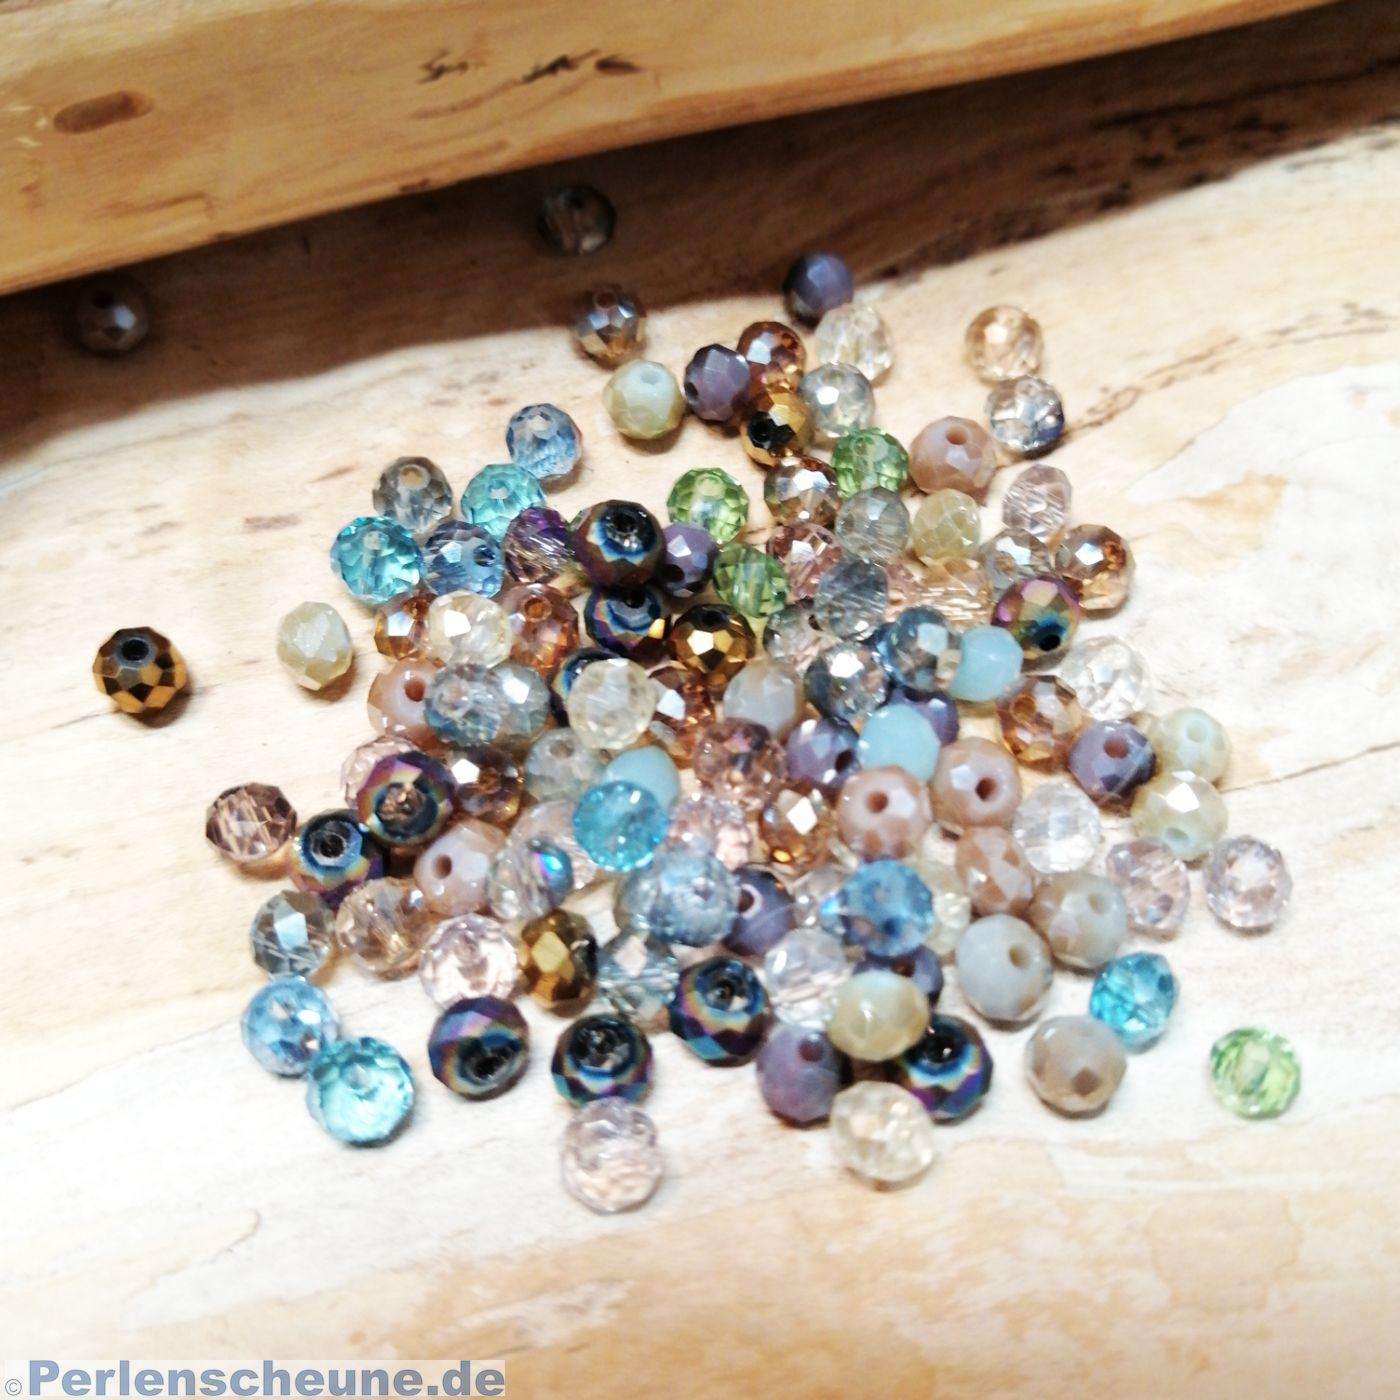 4 mm 100 x Böhmische Glasschliffperlen kristall; *2198